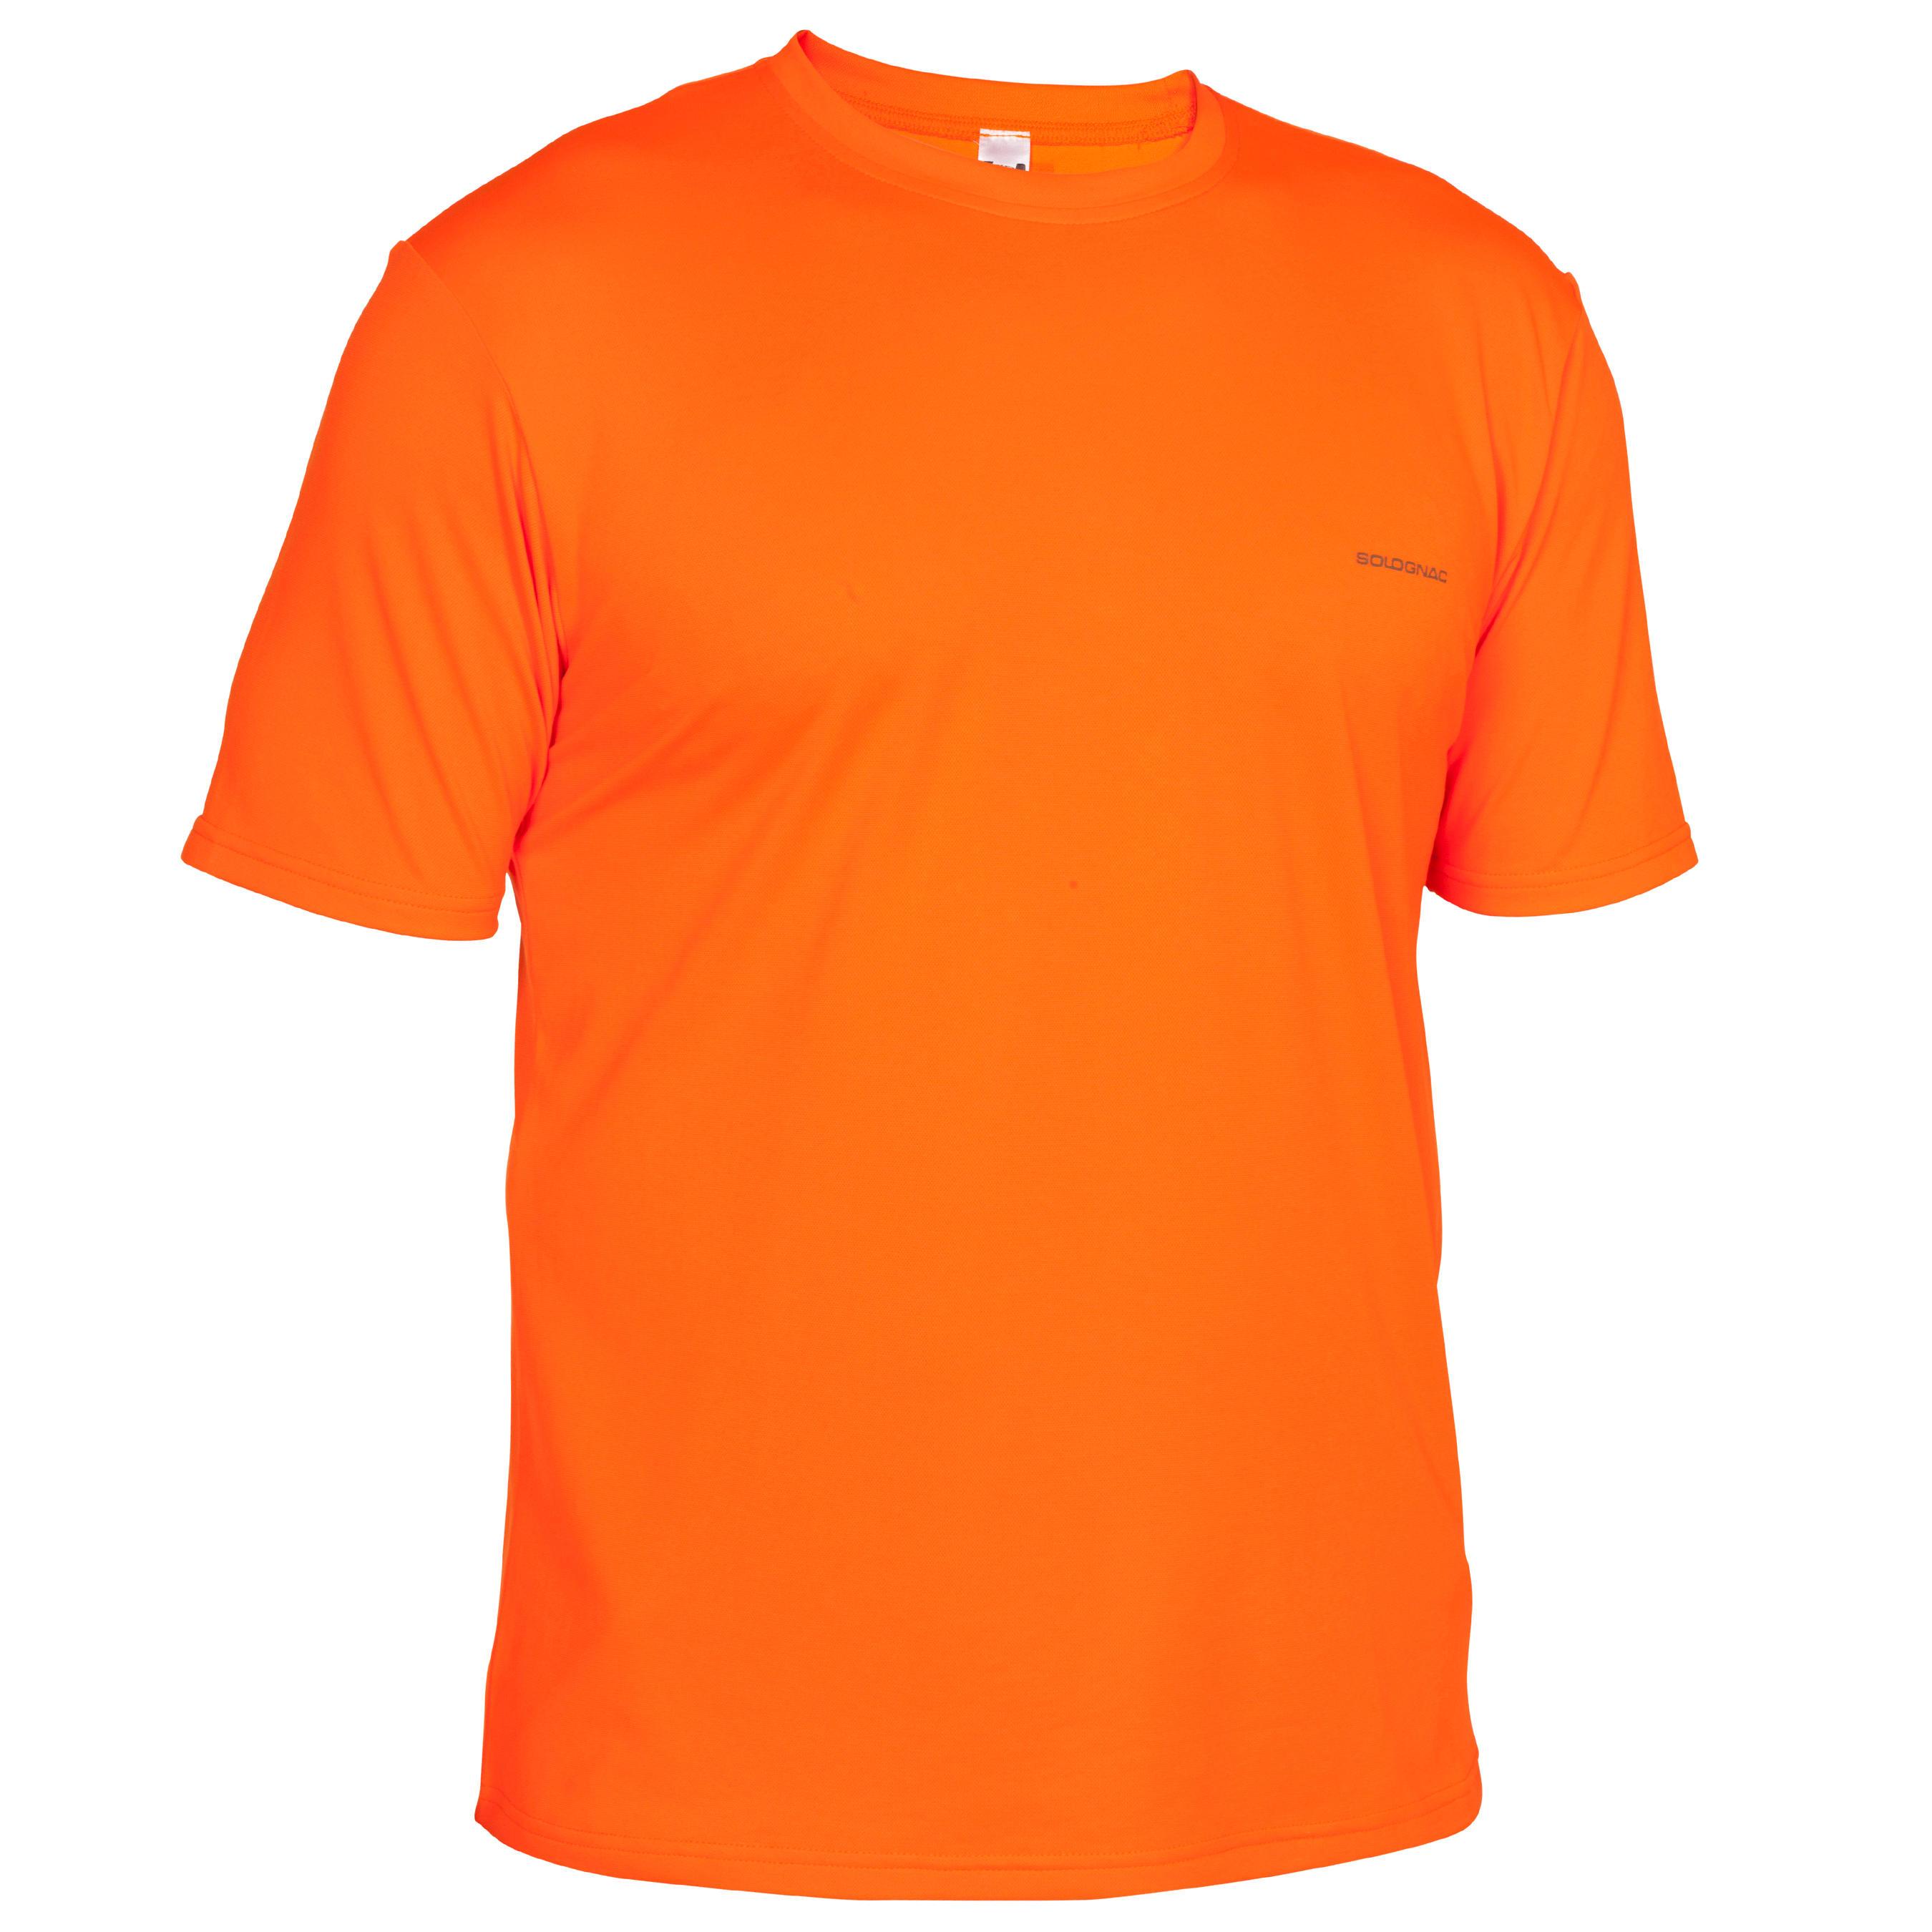 Solognac T-shirt Namib 300 voor de jacht fluo